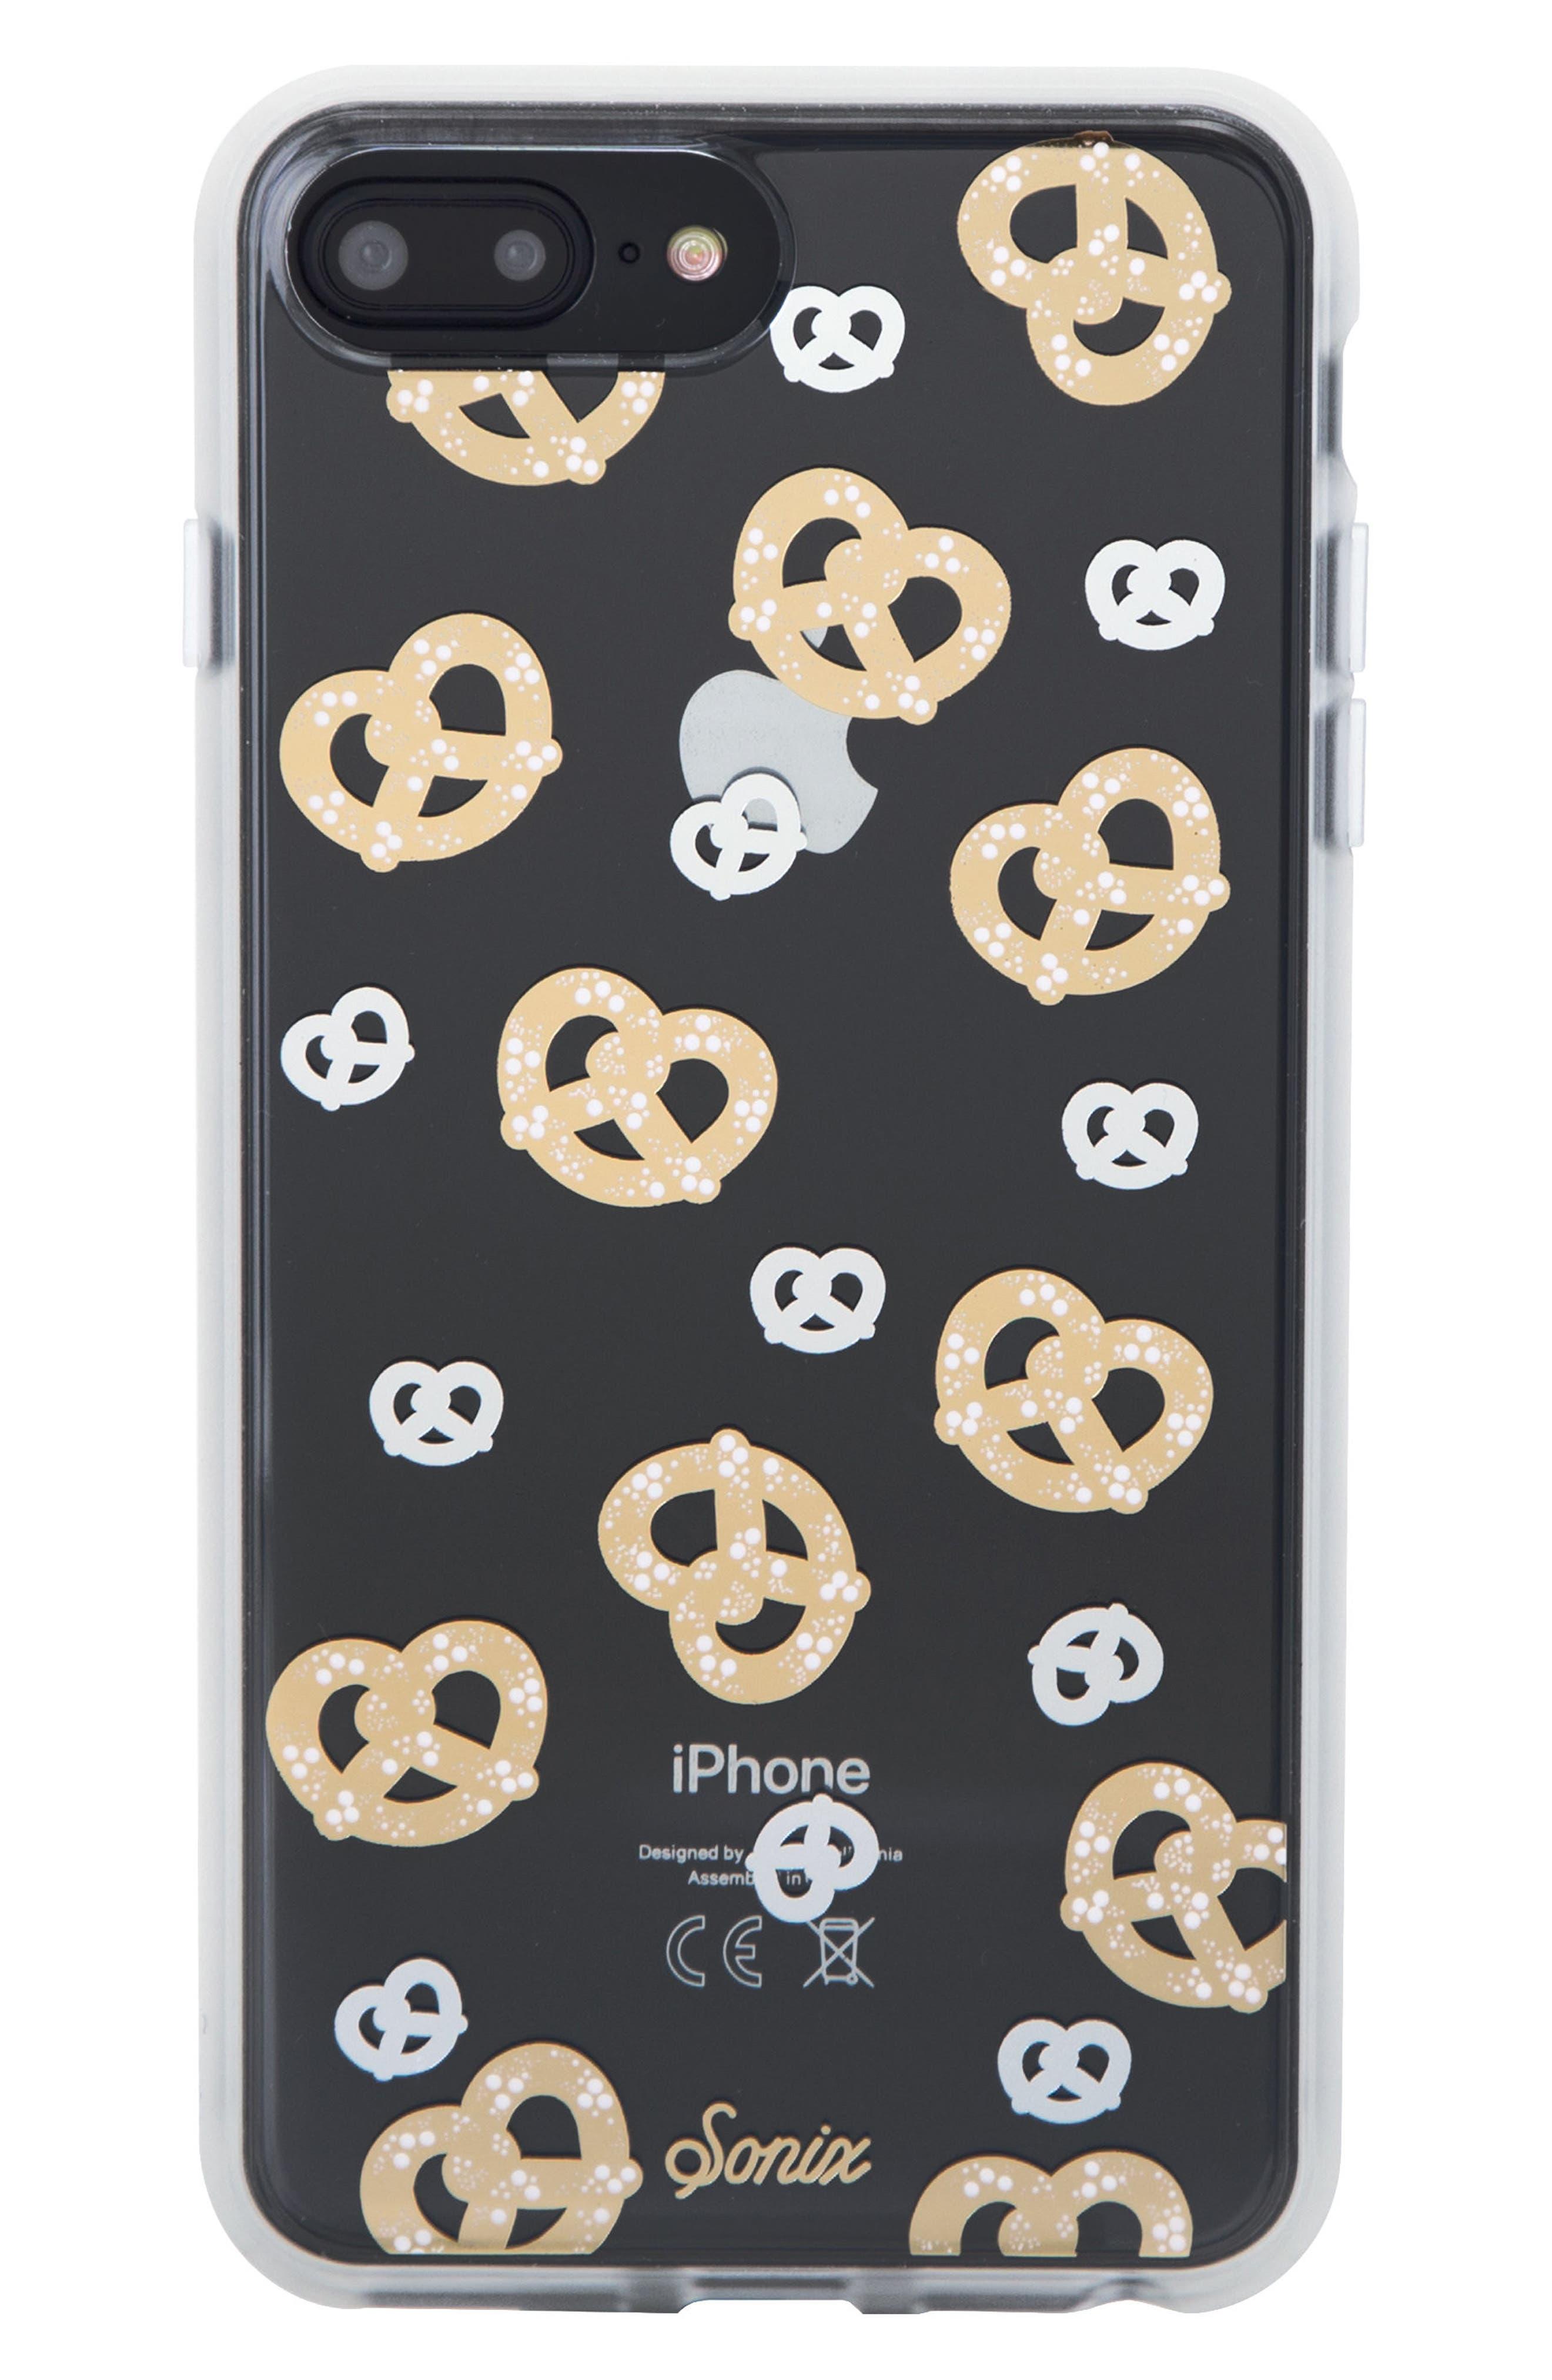 Pretzel iPhone 6/6s/7/8 & 6/6s/7/8 Plus Case,                             Main thumbnail 1, color,                             GOLD/ SILVER